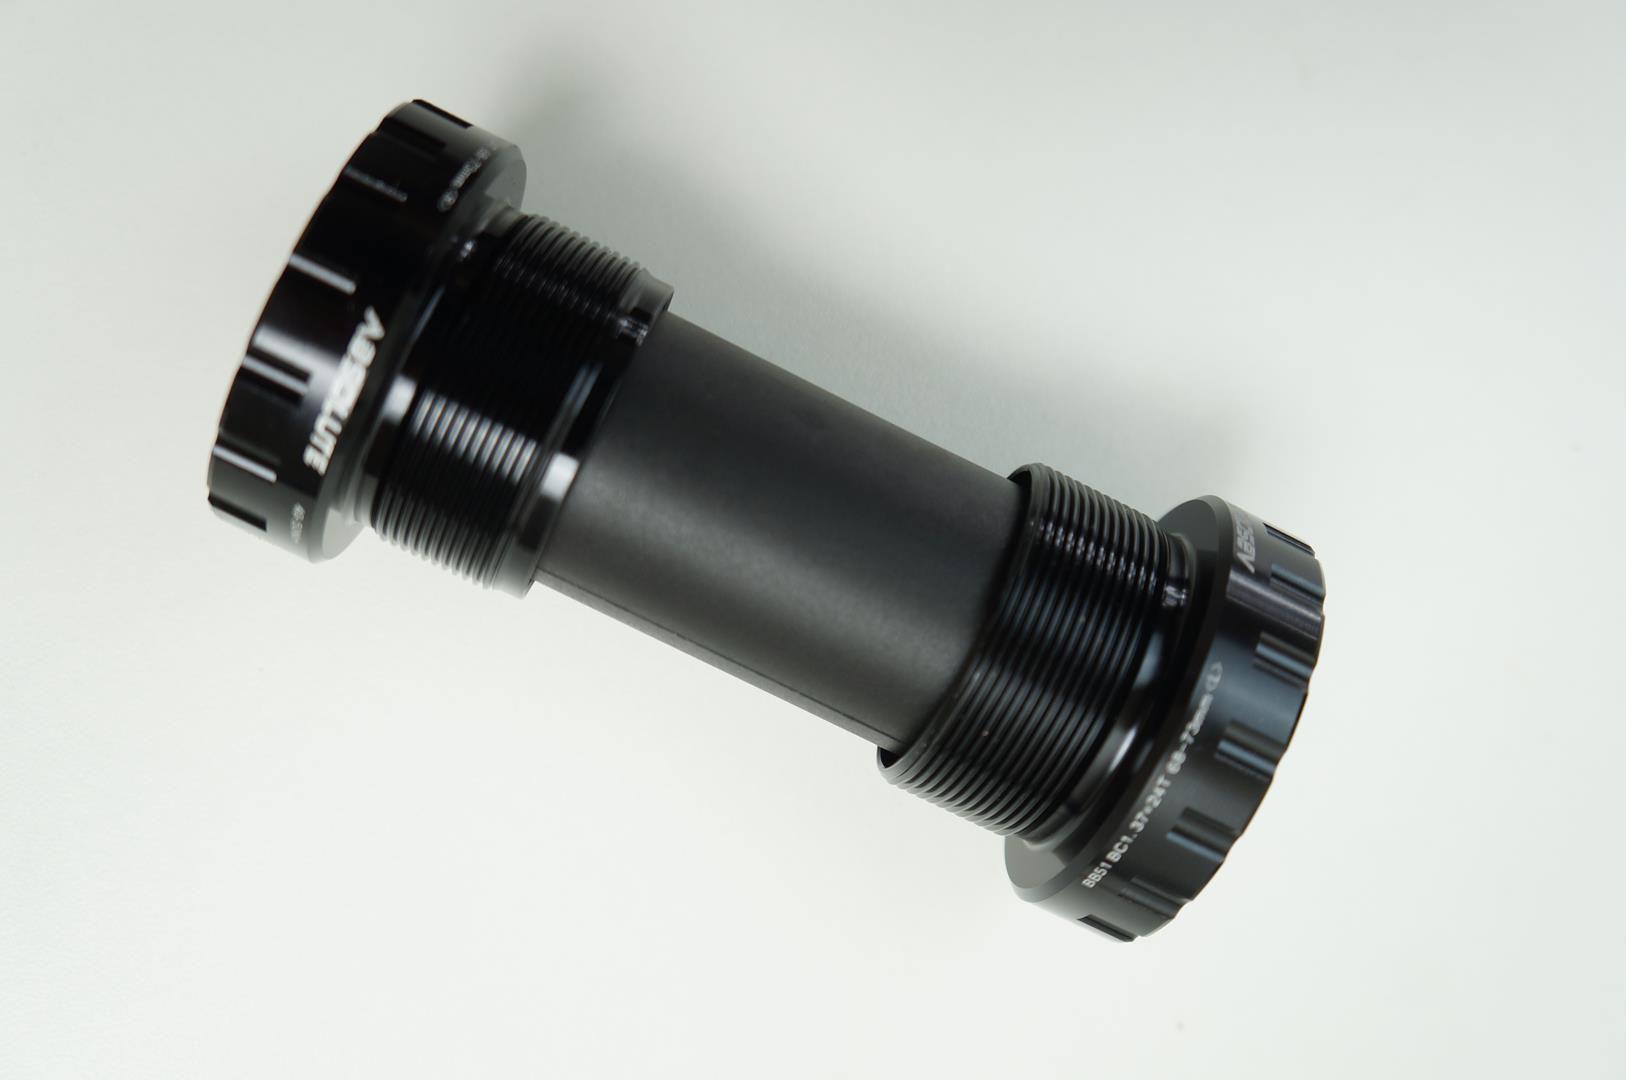 Braço Pedivela Mtb Absolute Para Uso Coroa Unica Com Movimento Integrado BCD 104mm 9/10/11/12v